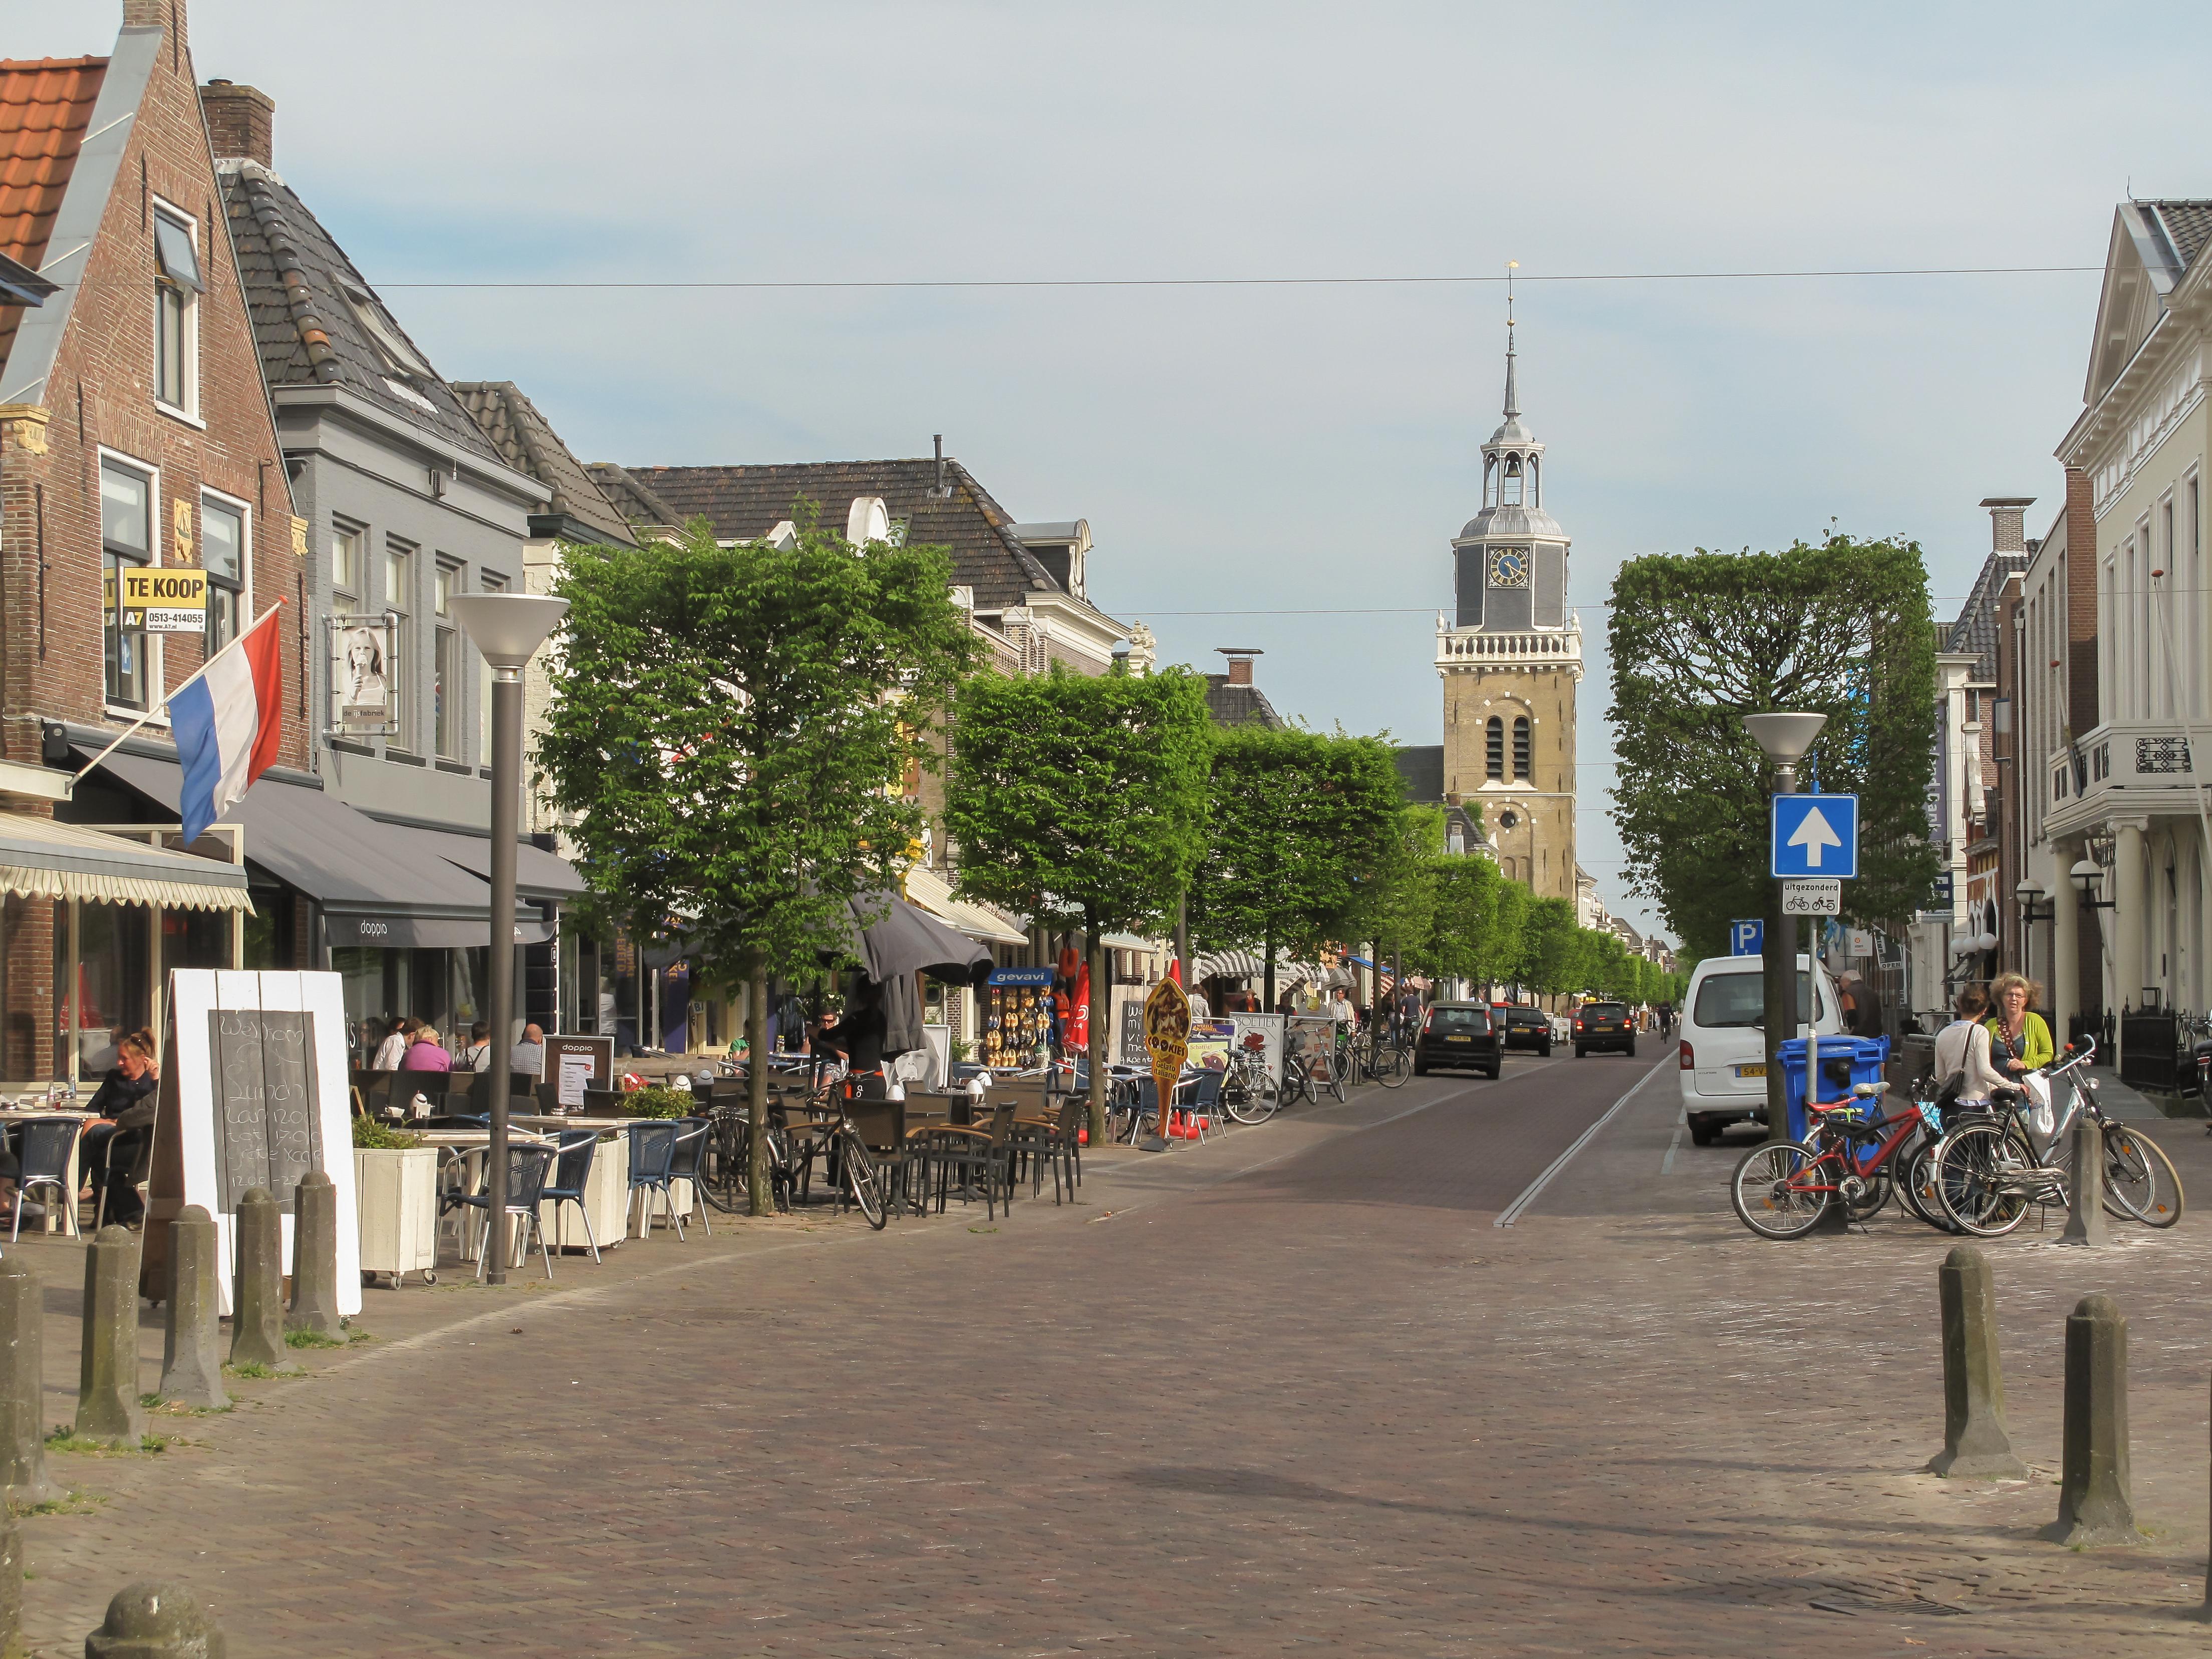 De Fryske Marren - Wikiwand